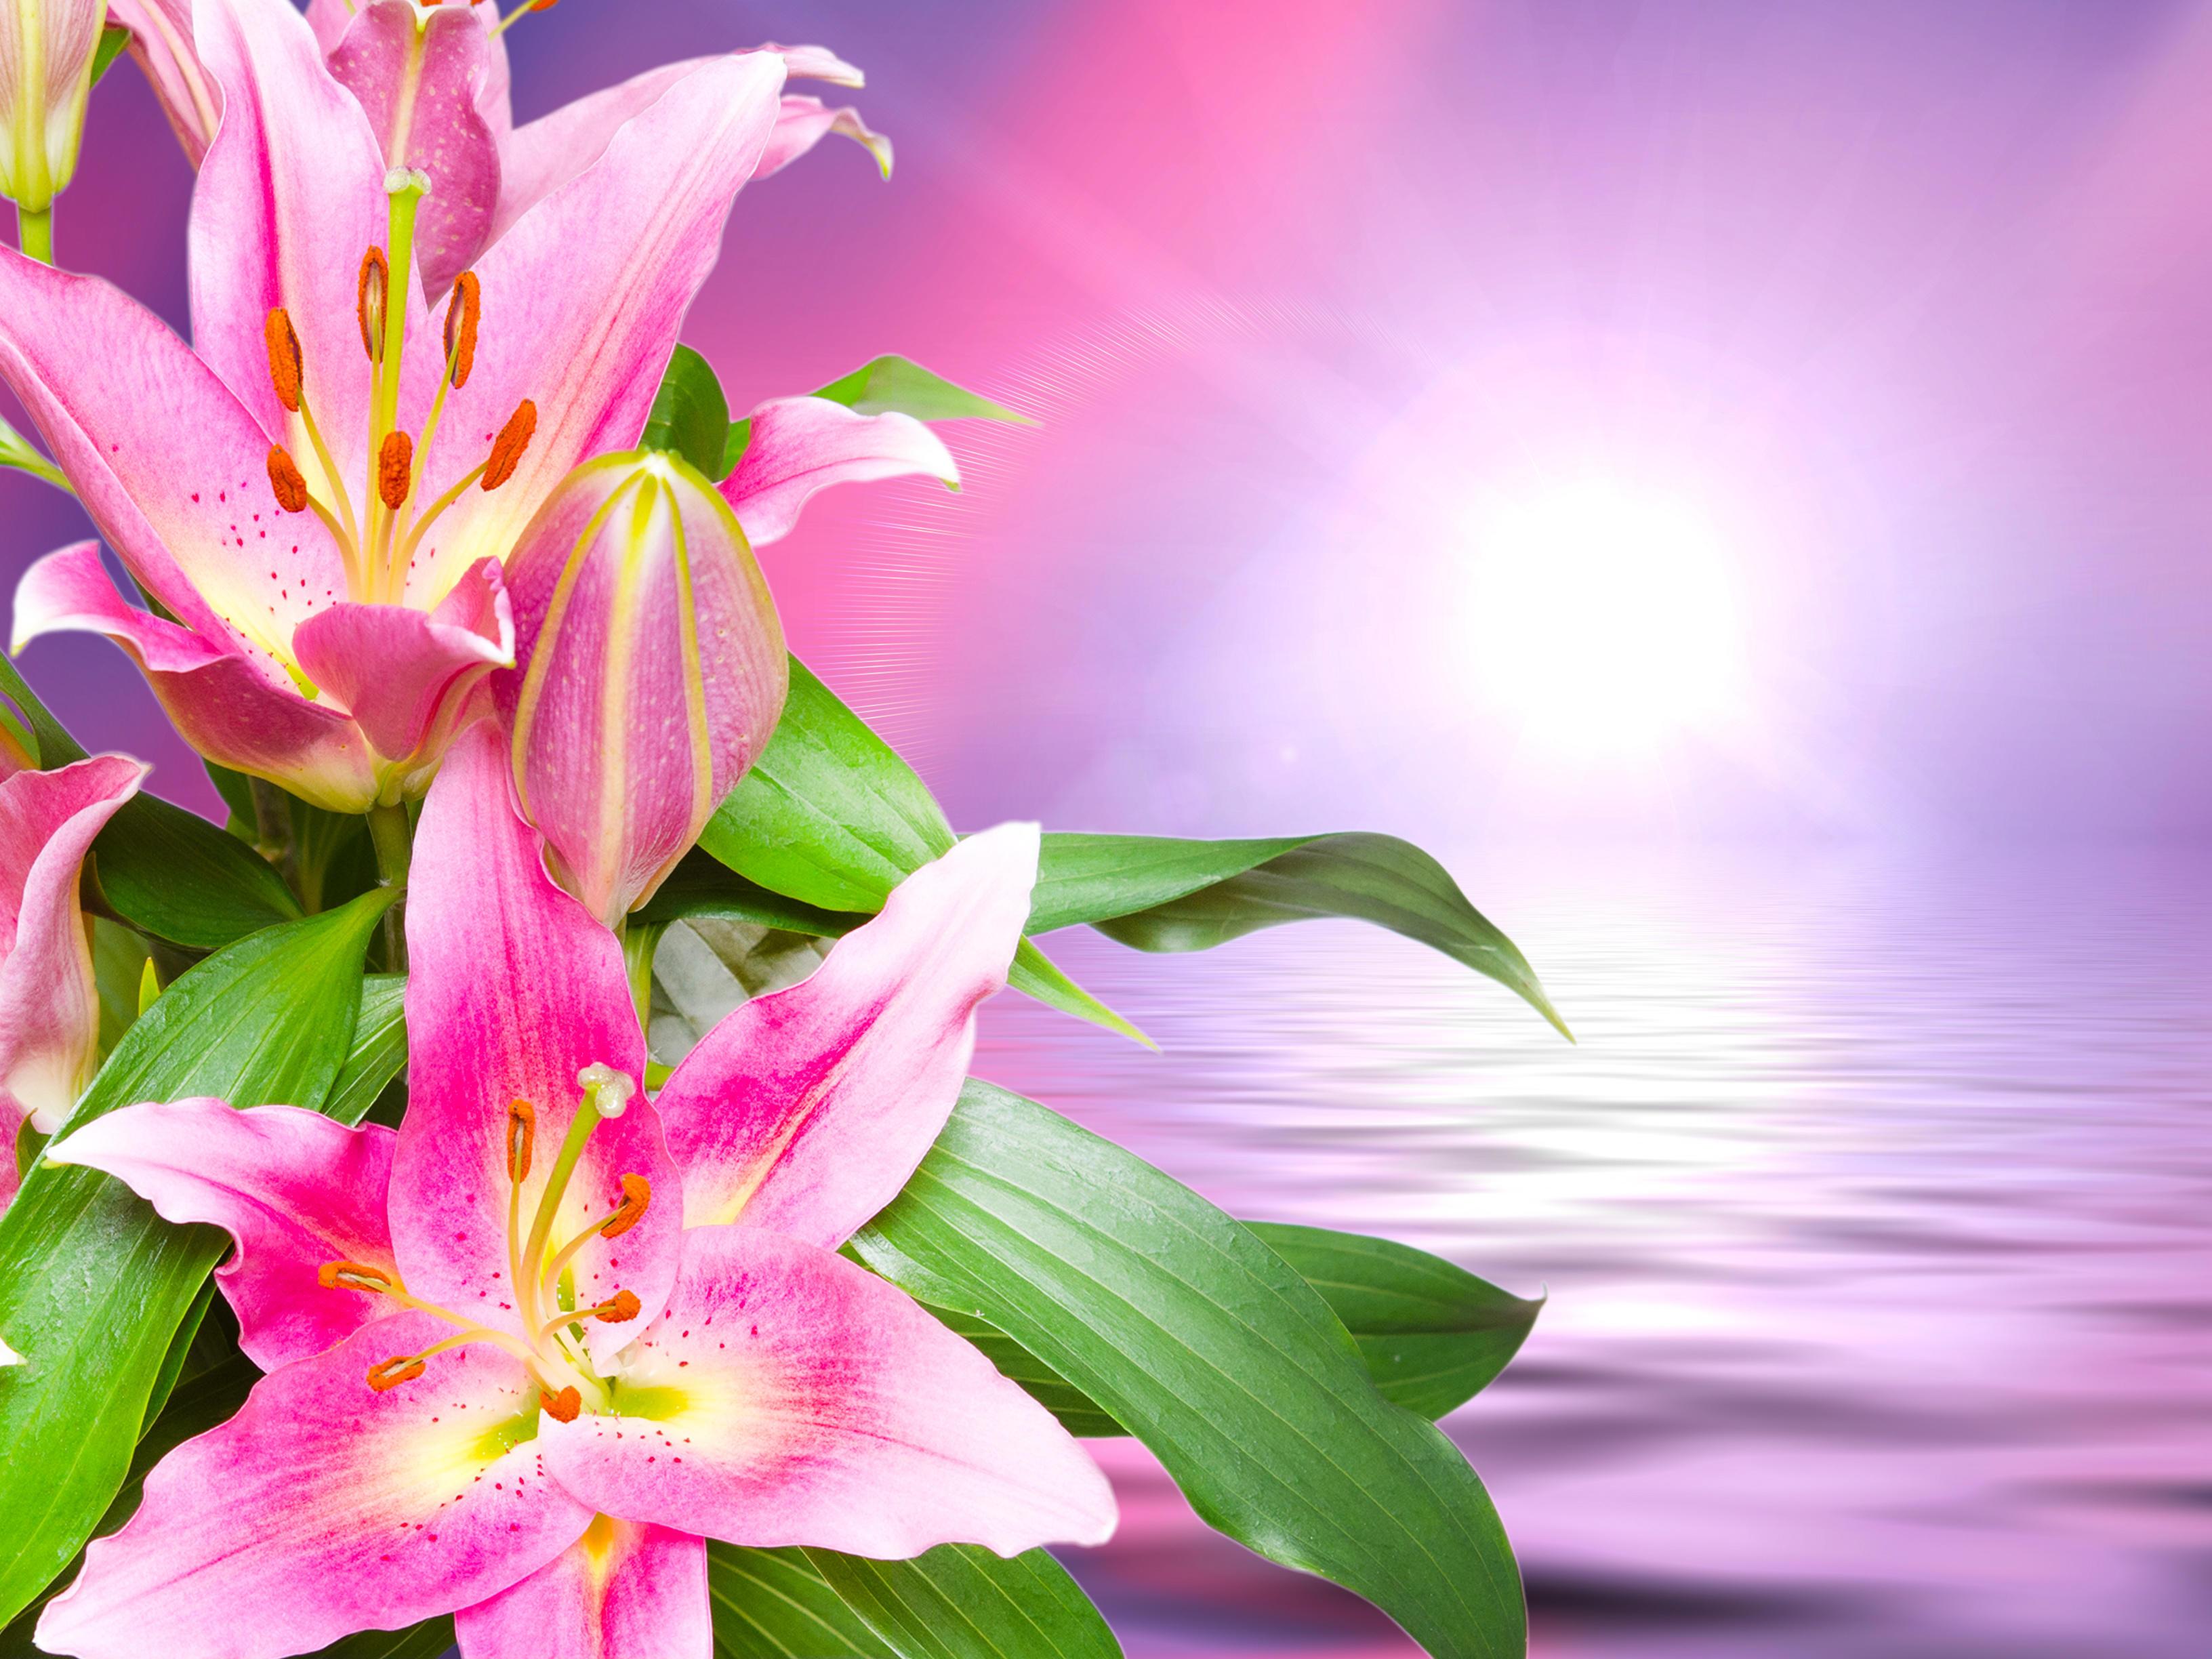 обои красивые цветы, лилии, лилия, красивый фон картинки фото